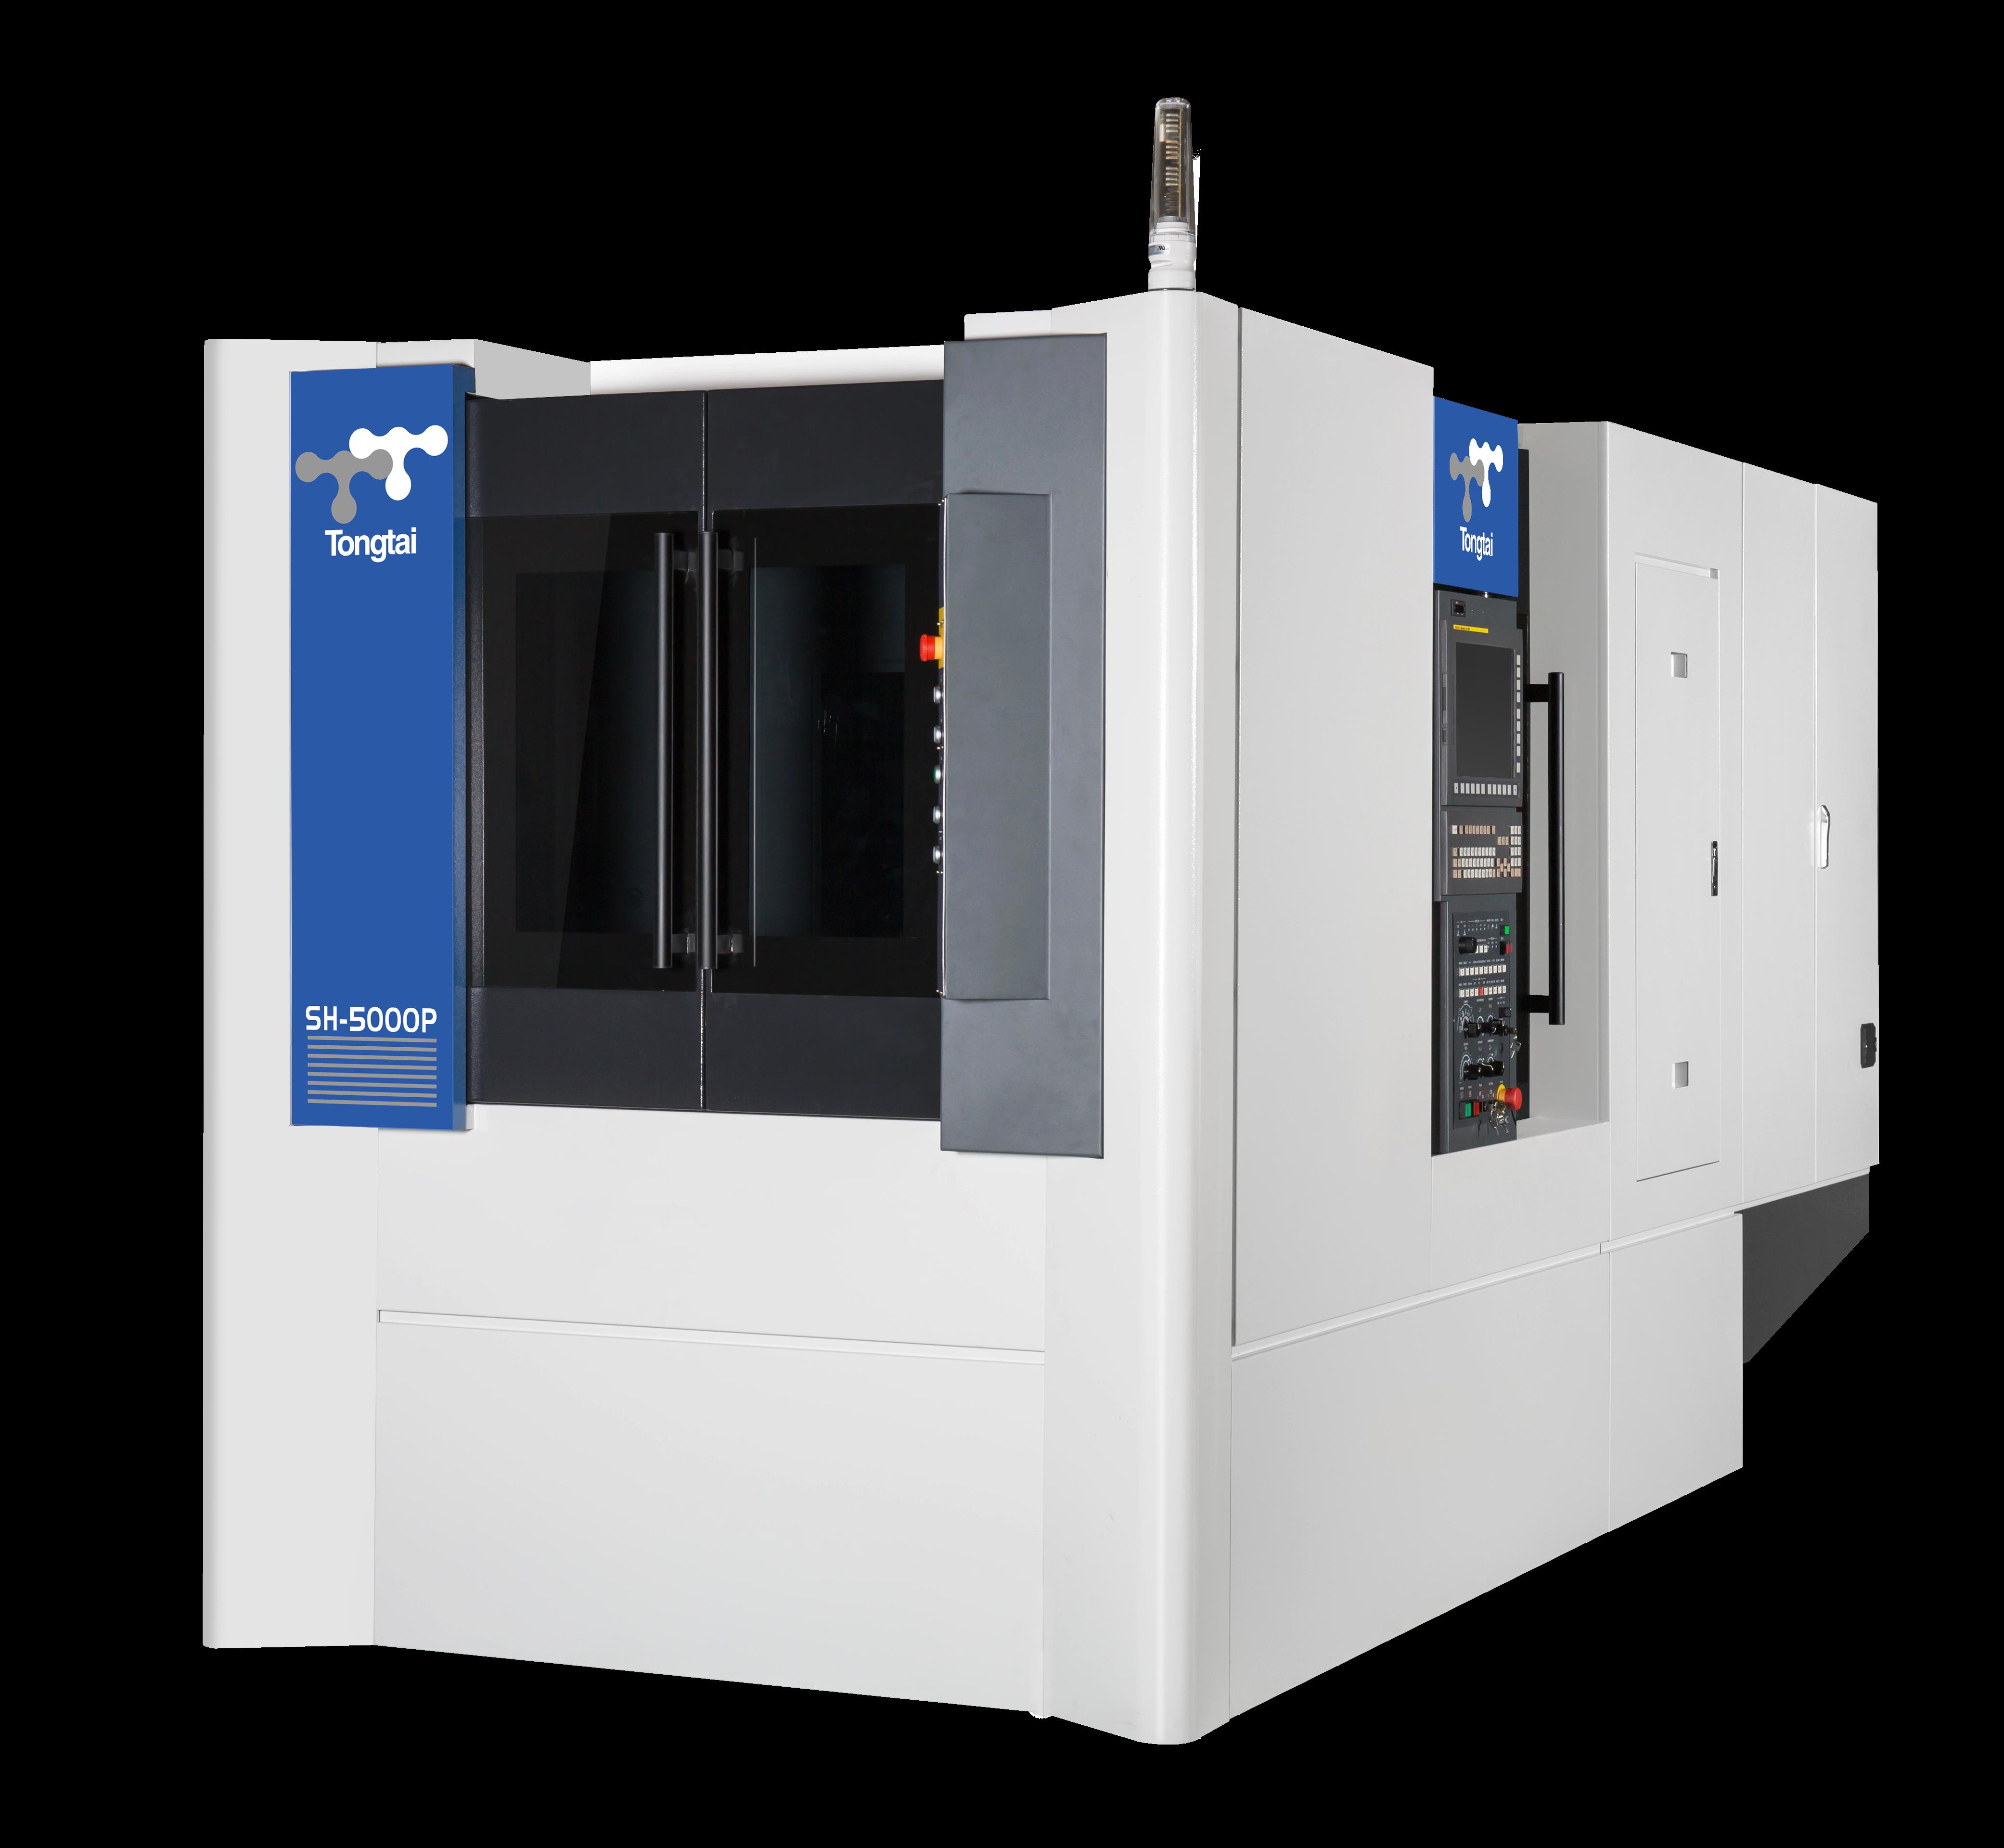 卧式加工机-SH-5000P